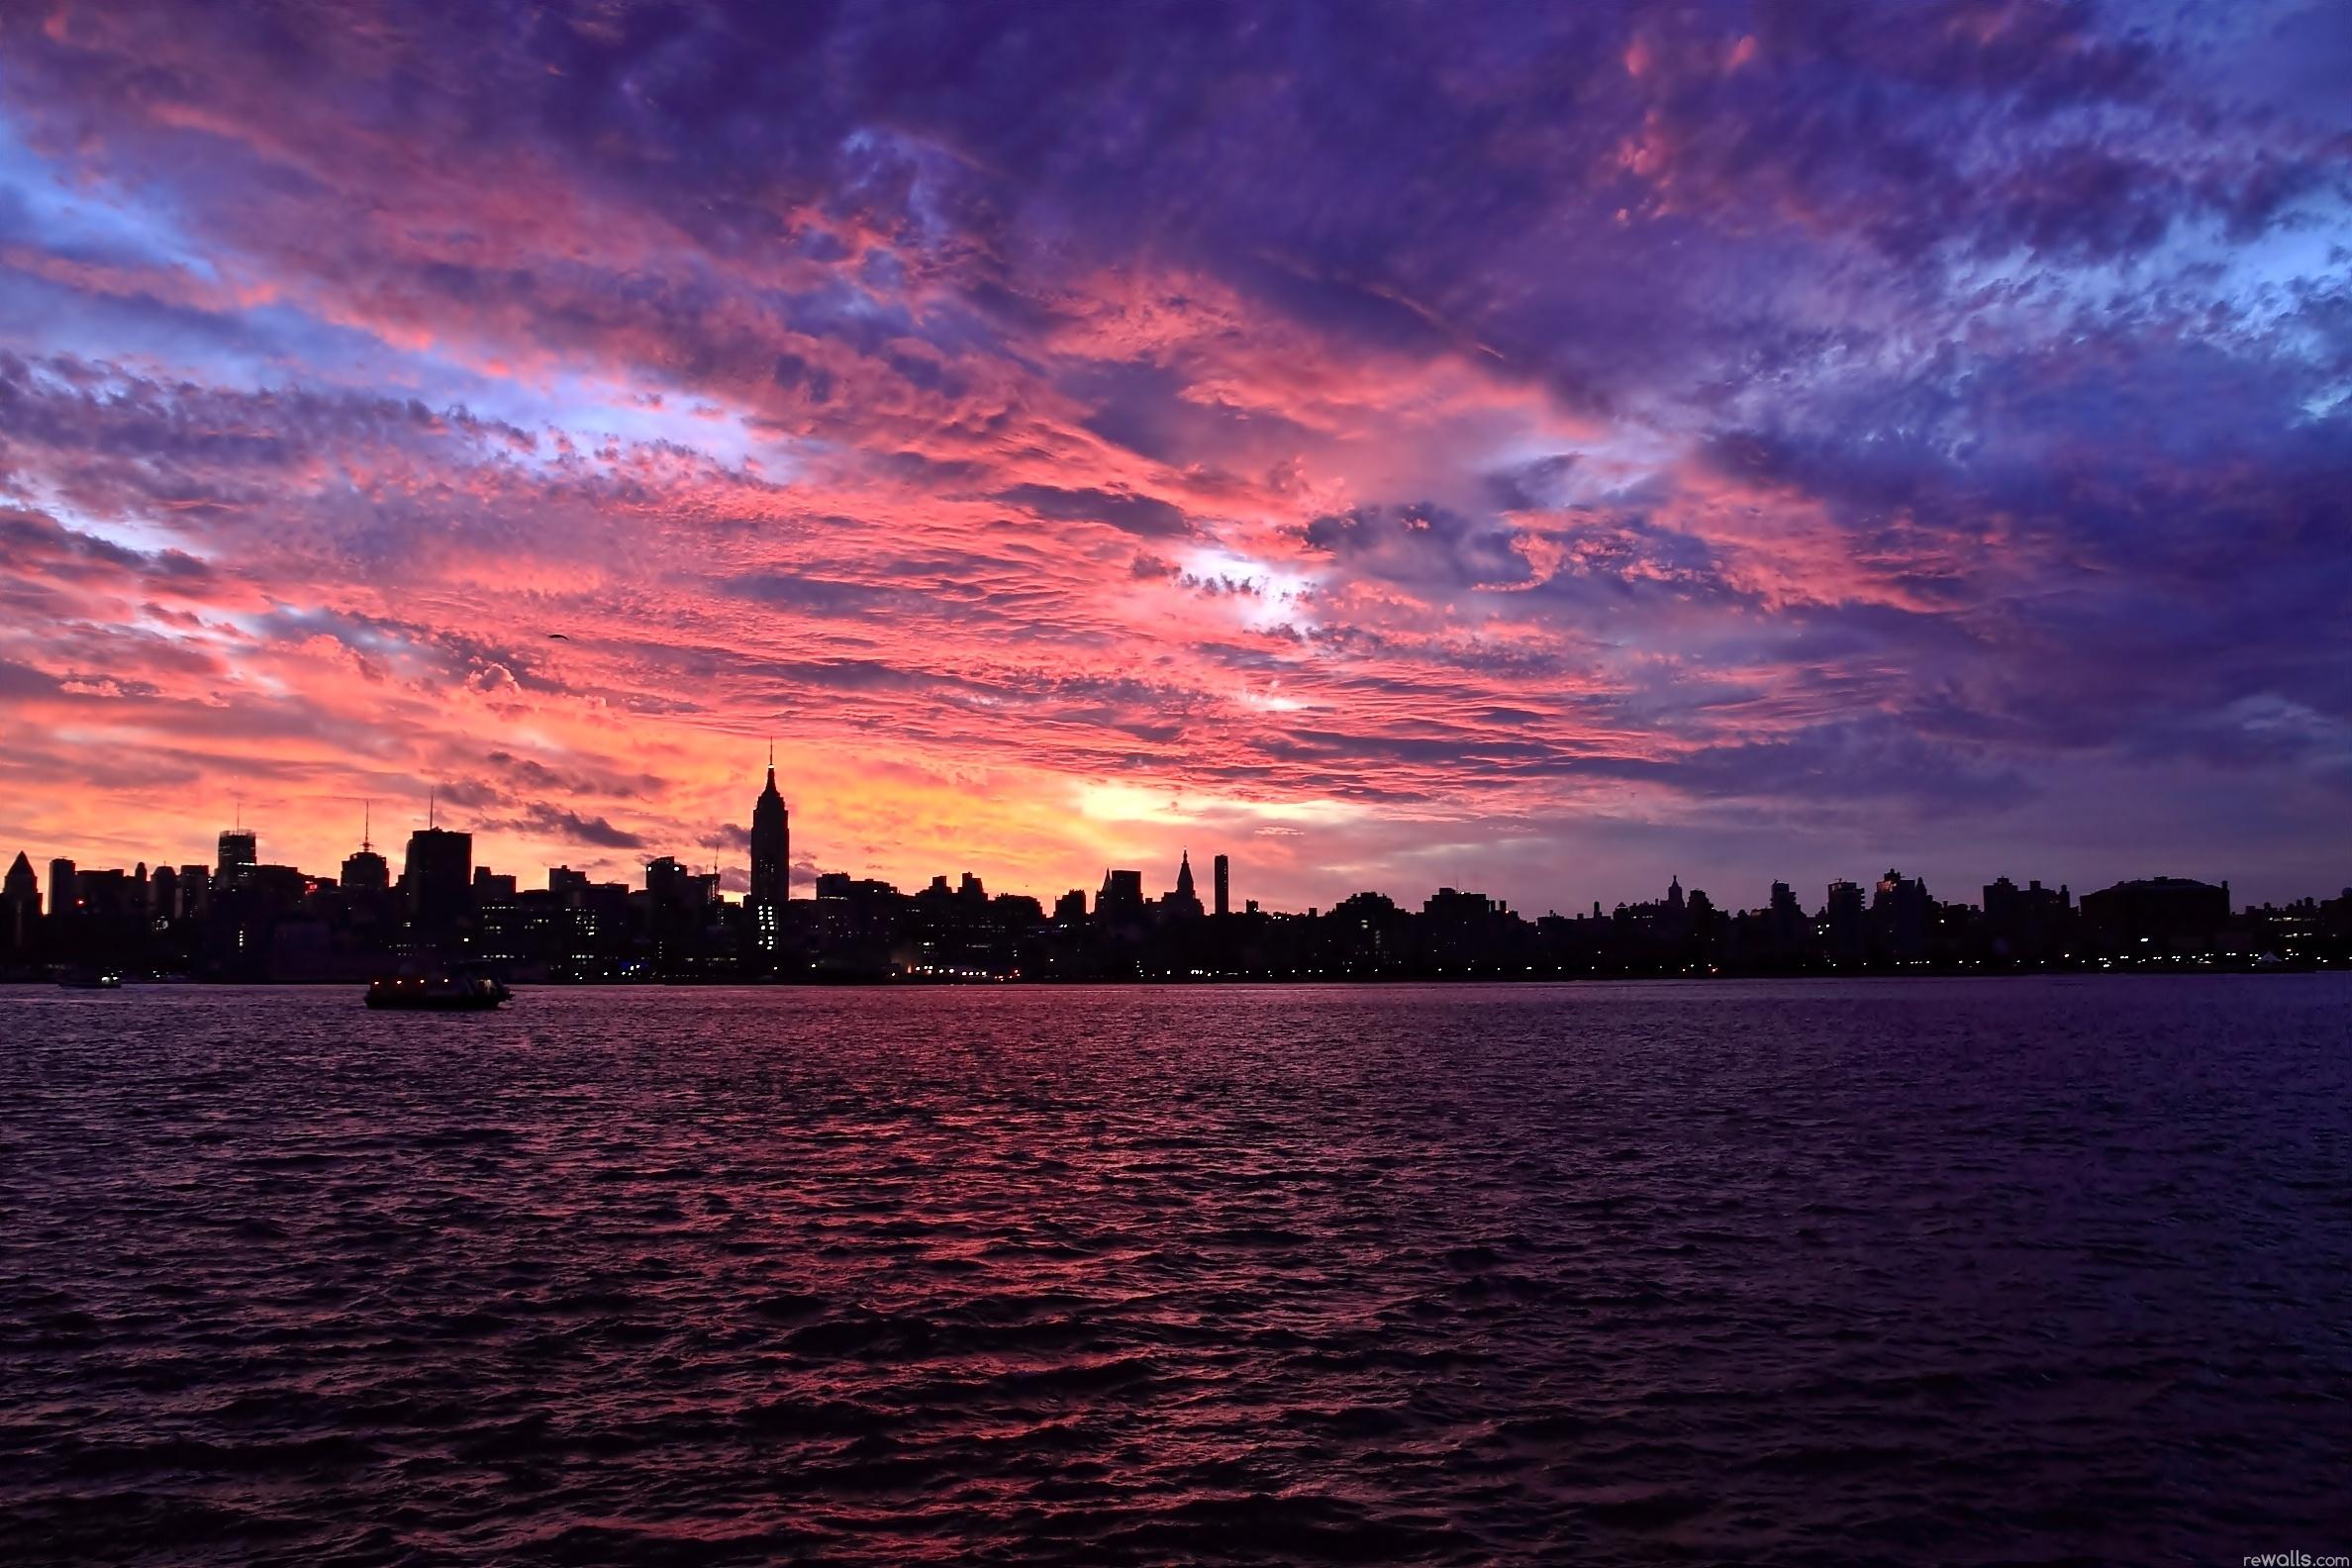 город огни небо море загрузить